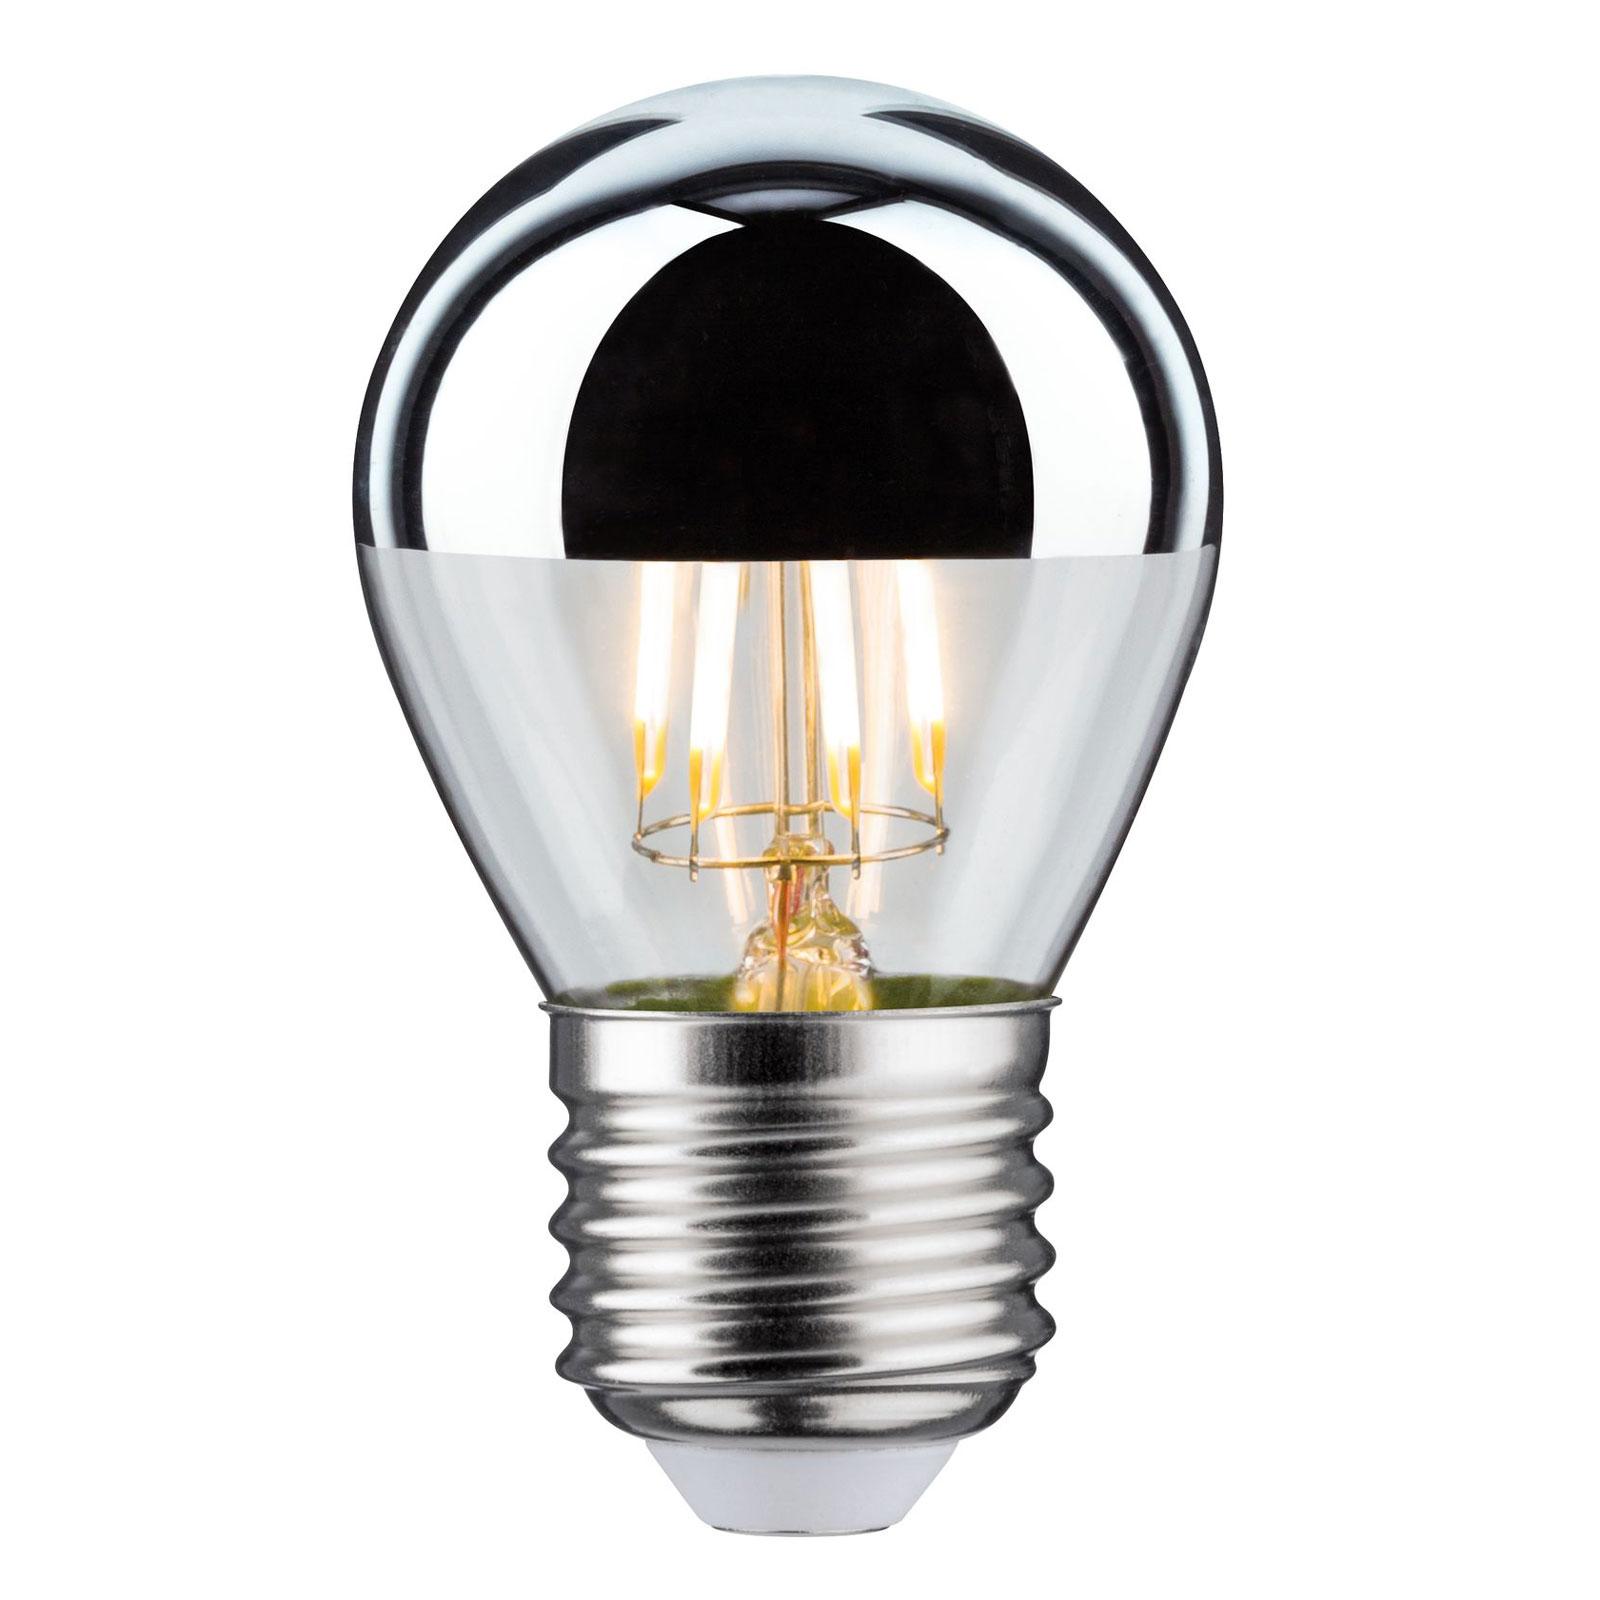 Acquista Lampadina LED E27 goccia 827 dicroica 4,8W